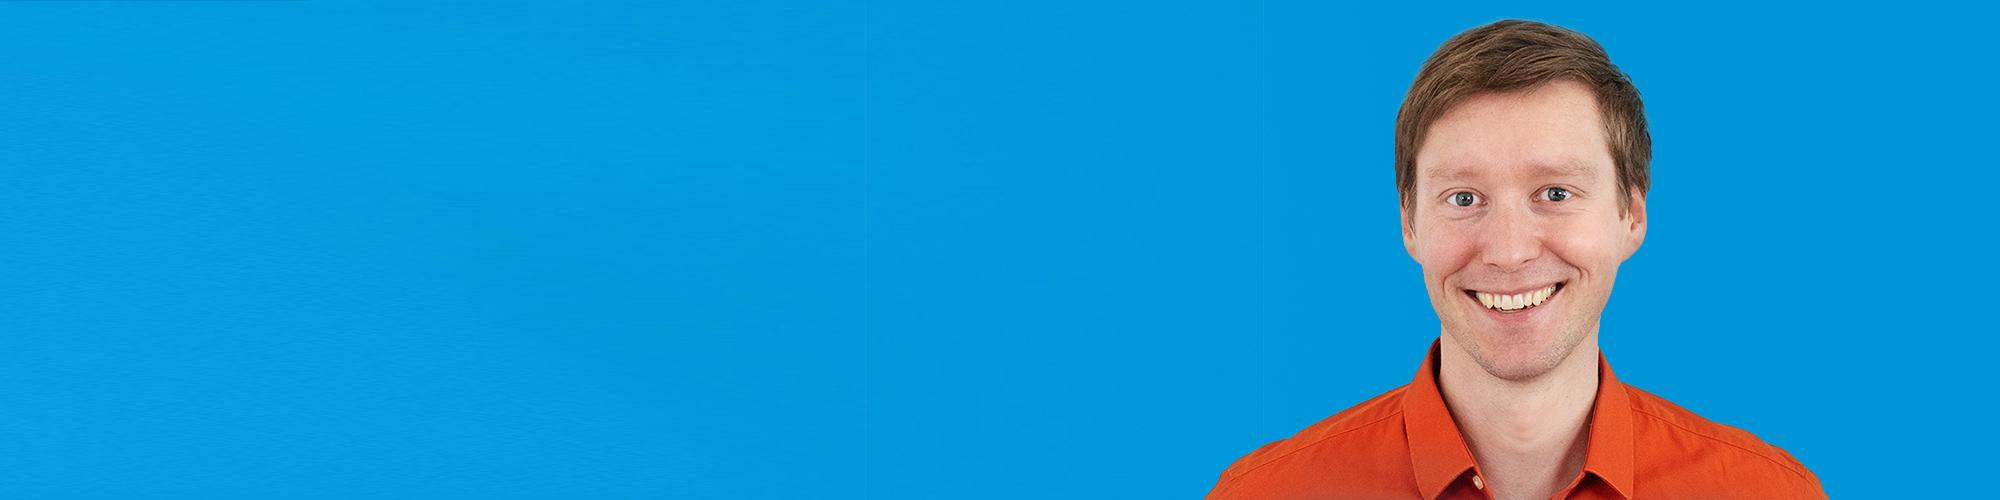 Karriereseite-Banner-Thomas | HIRSCHTEC